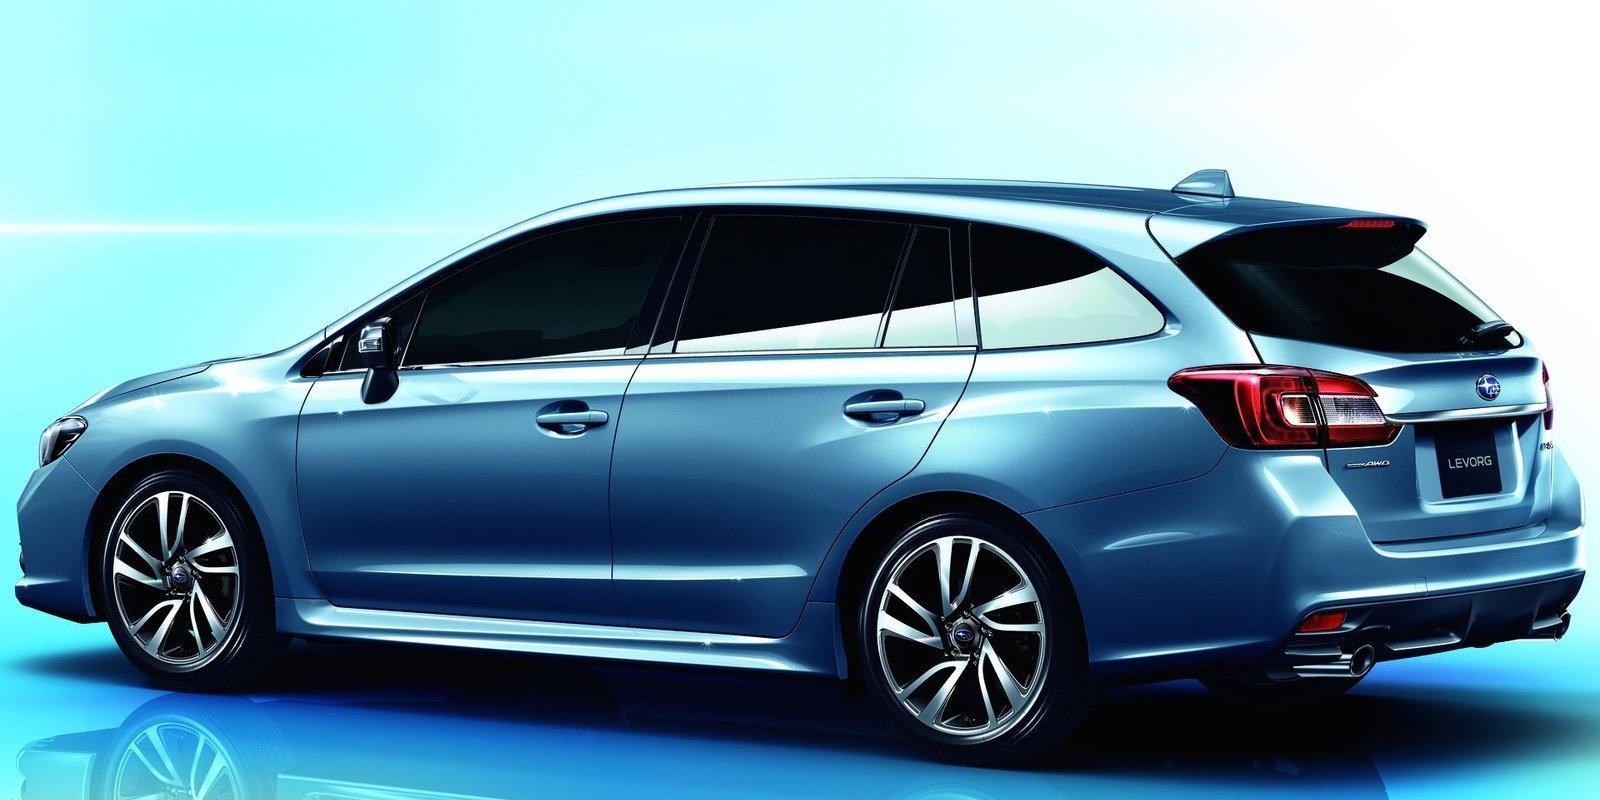 2015 Subaru New Cars - photos   CarAdvice